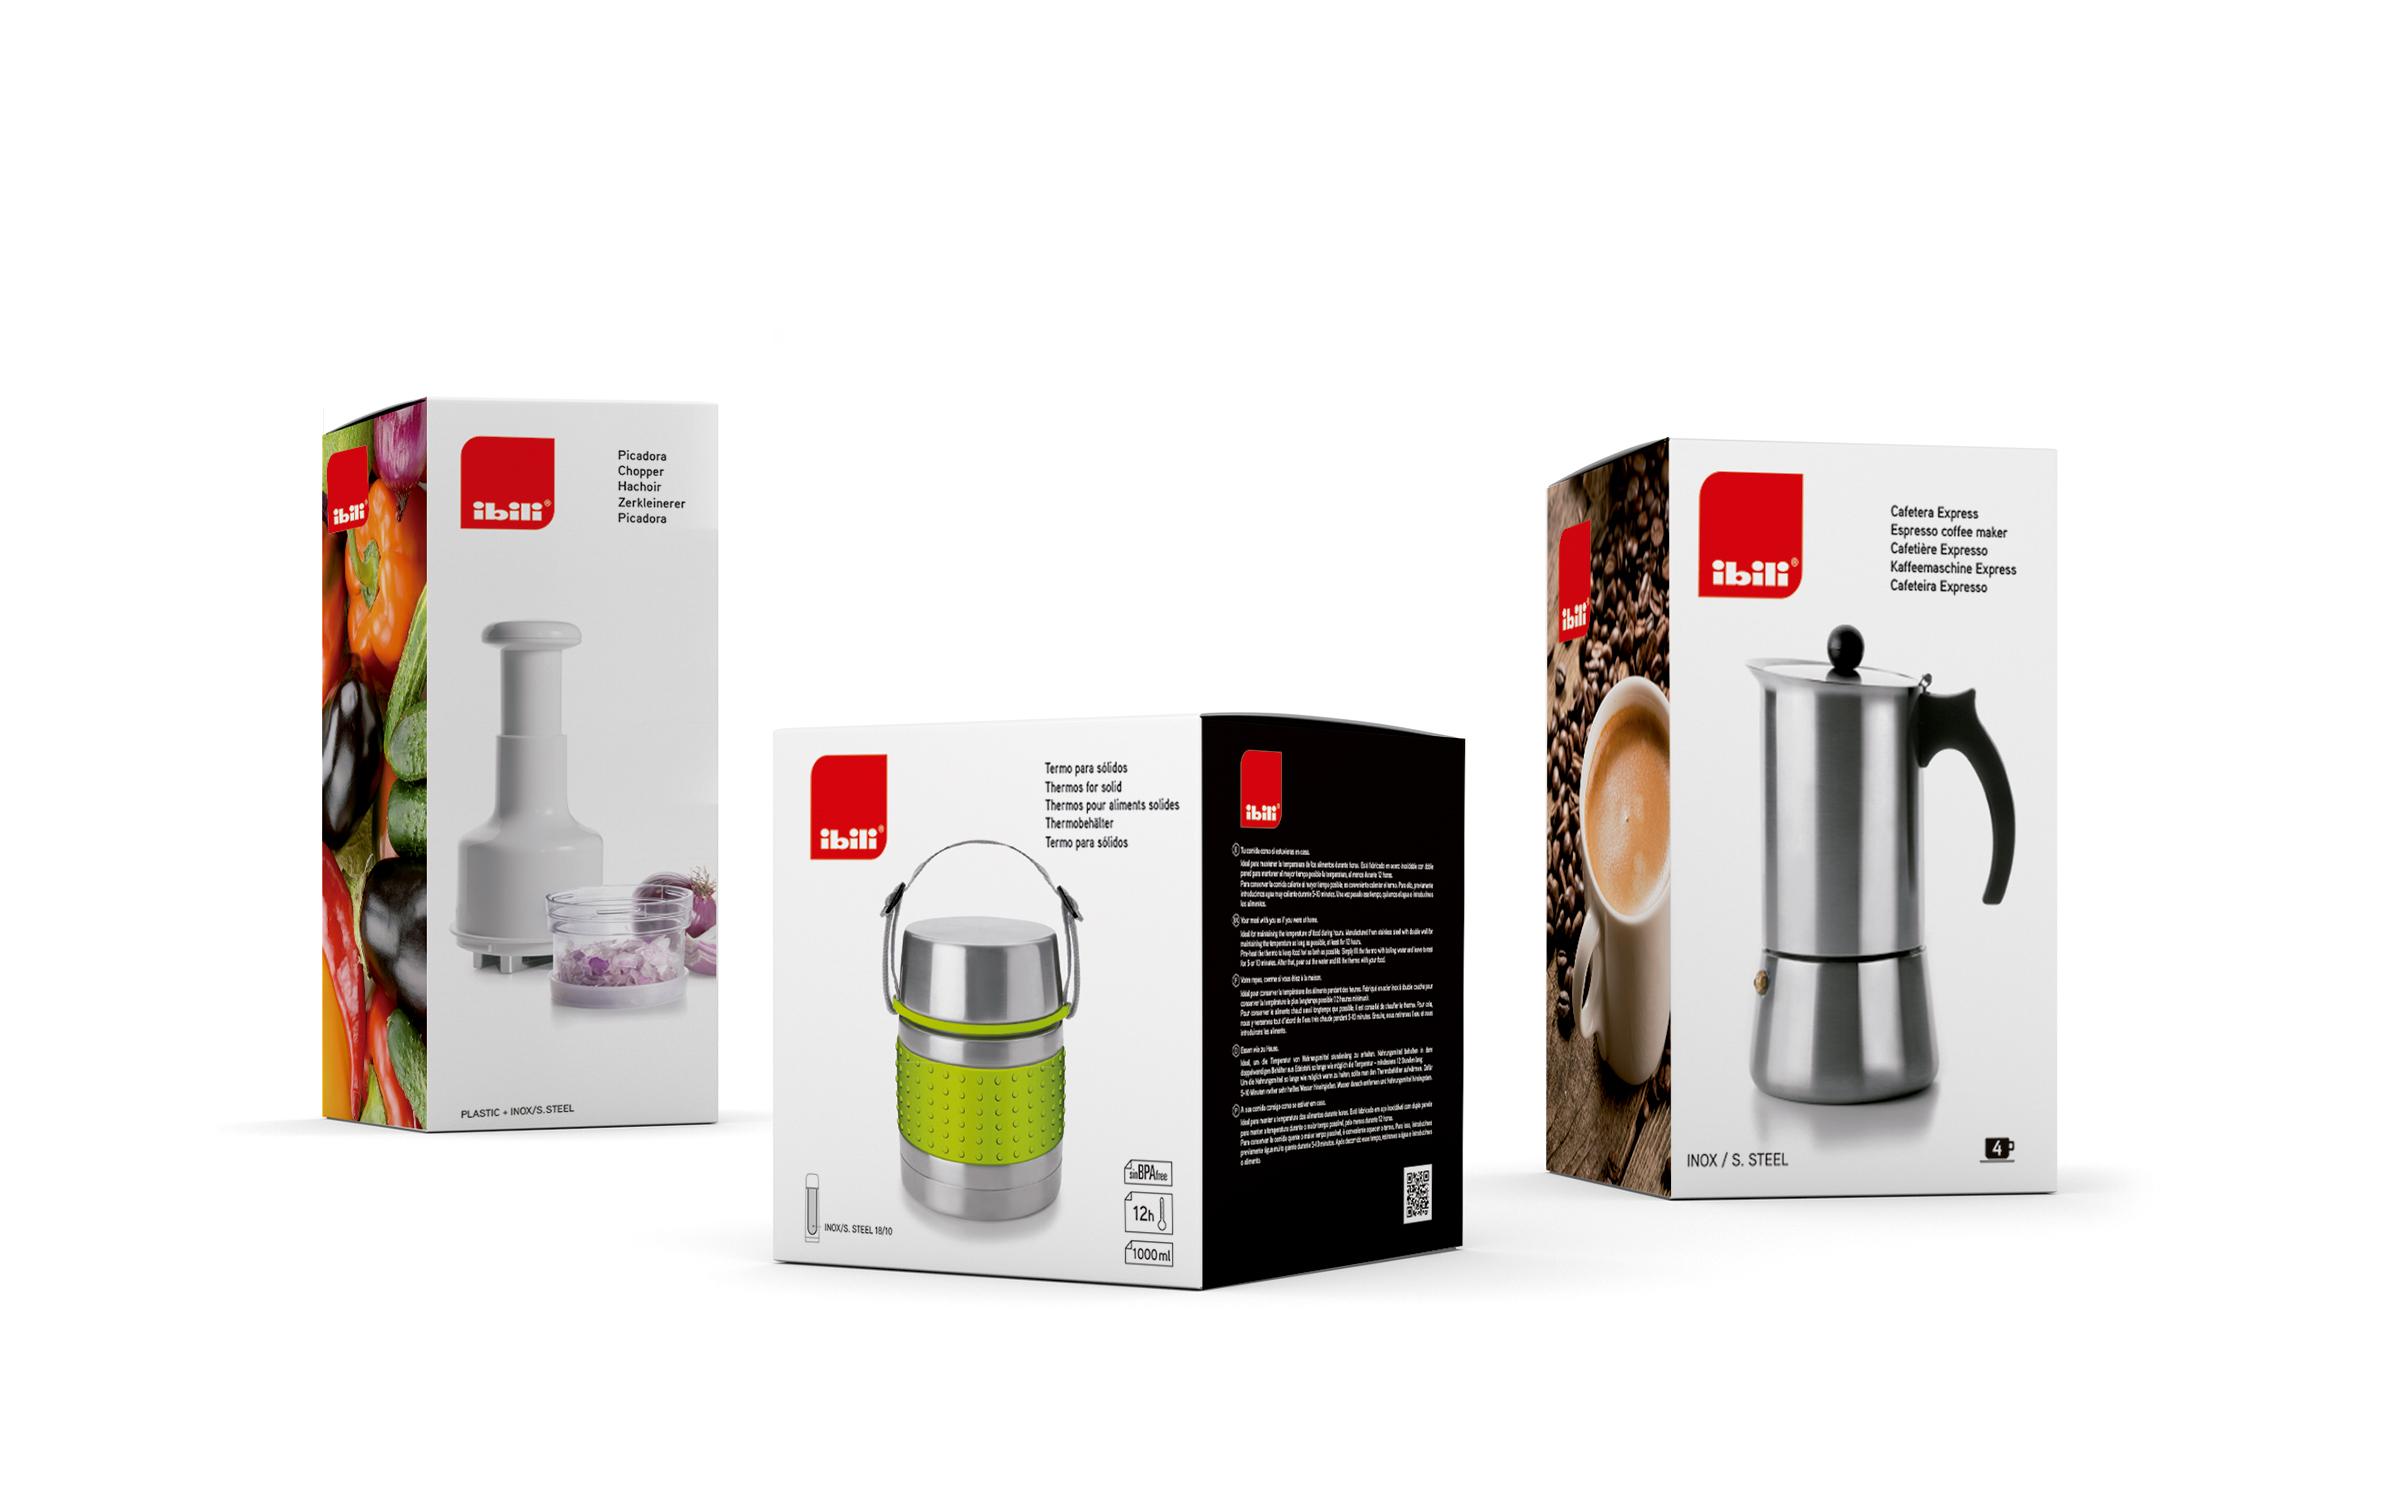 Ibili Menaje – Produktu ezberdinentzako packaginga